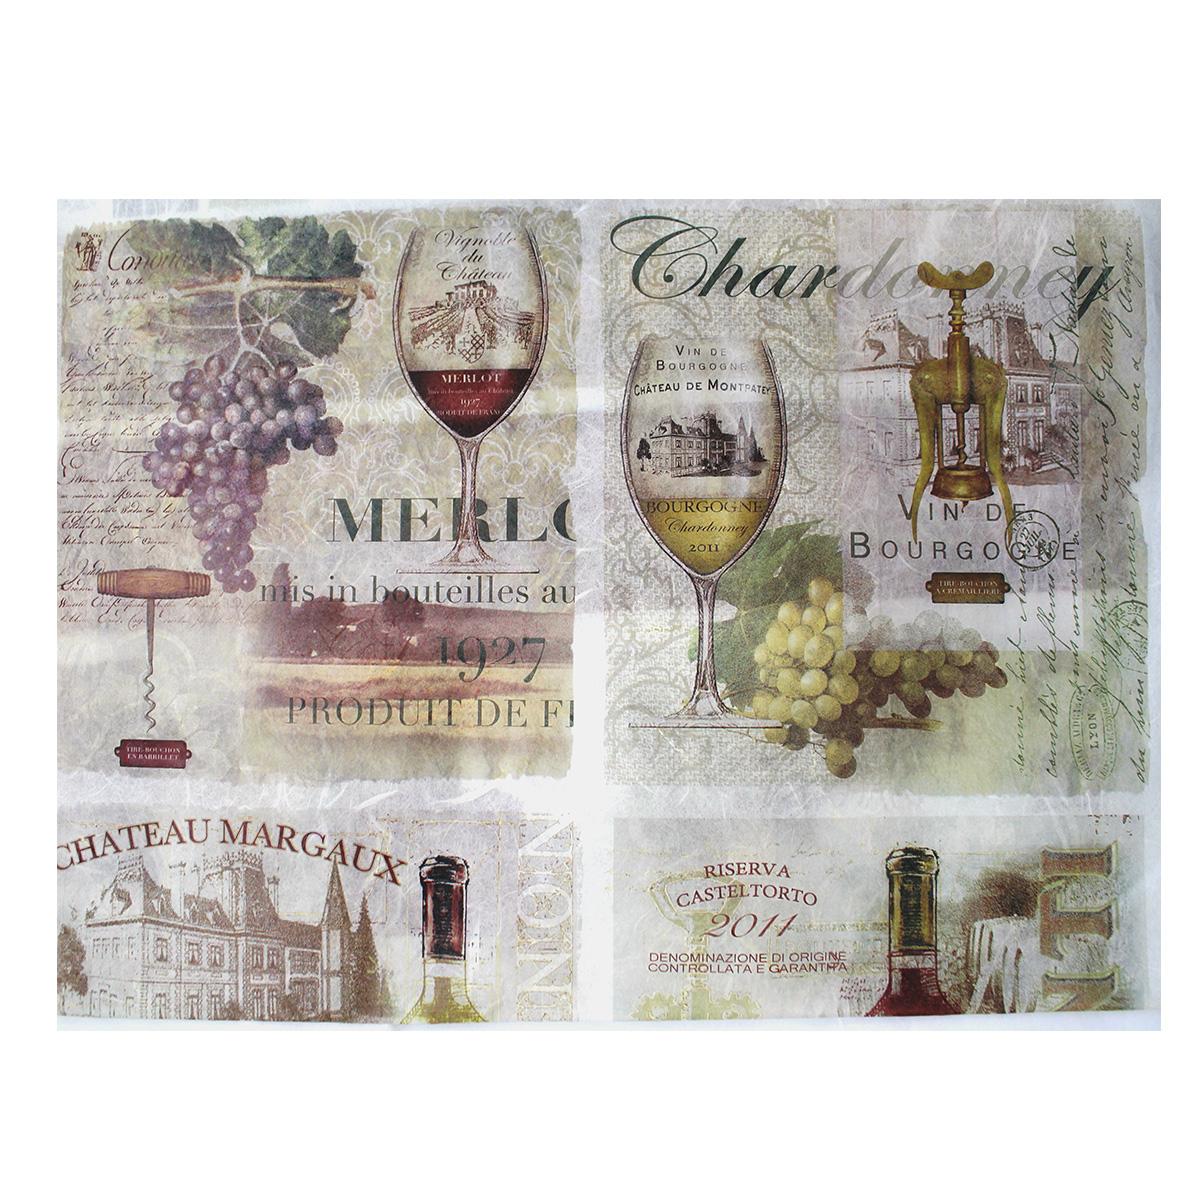 Бумага для скрапбукинга Renkalik Wine, 35 х 50 смRSP-202SБумага Renkalik, оформленная красочными изображениями, поможет вам начать творческий путь в скрапбукинге. Эта бумага хорошо подойдет для оформления фона, создания открыток, поделок и многого другого. Скрапбукинг - это хобби, которое способно приносить массу приятных эмоций не только человеку, который этим занимается, но и его близким, друзьям, родным. Это невероятно увлекательное занятие, которое поможет вам сохранить наиболее памятные и яркие моменты вашей жизни, а также интересно оформить интерьер дома.